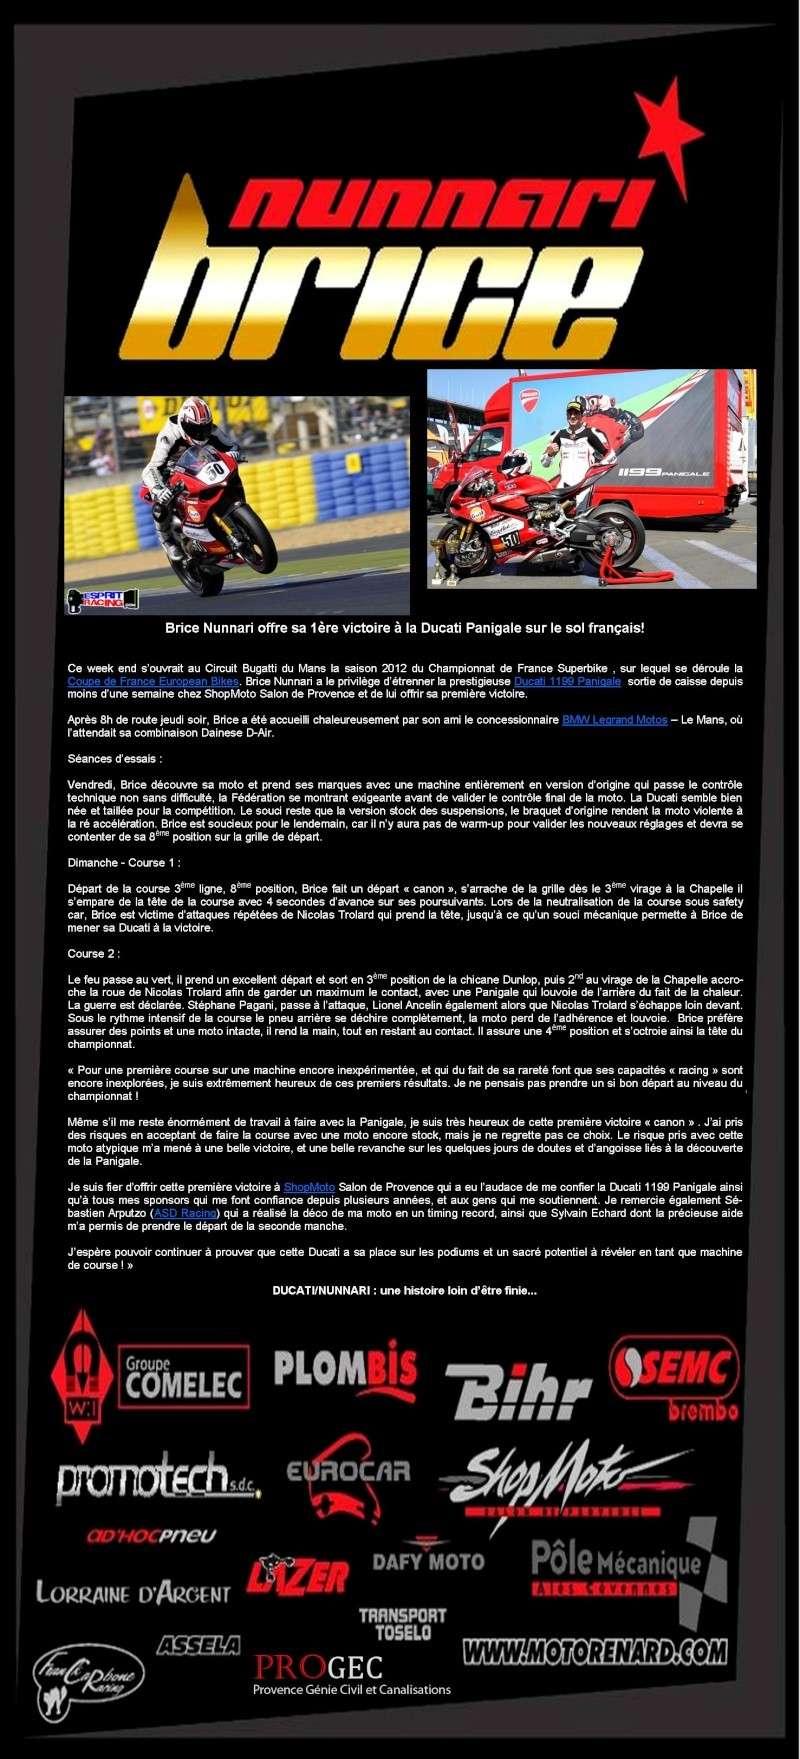 [FSBK] Le Mans, 1er avril 2012 - Page 6 Cid_cc10